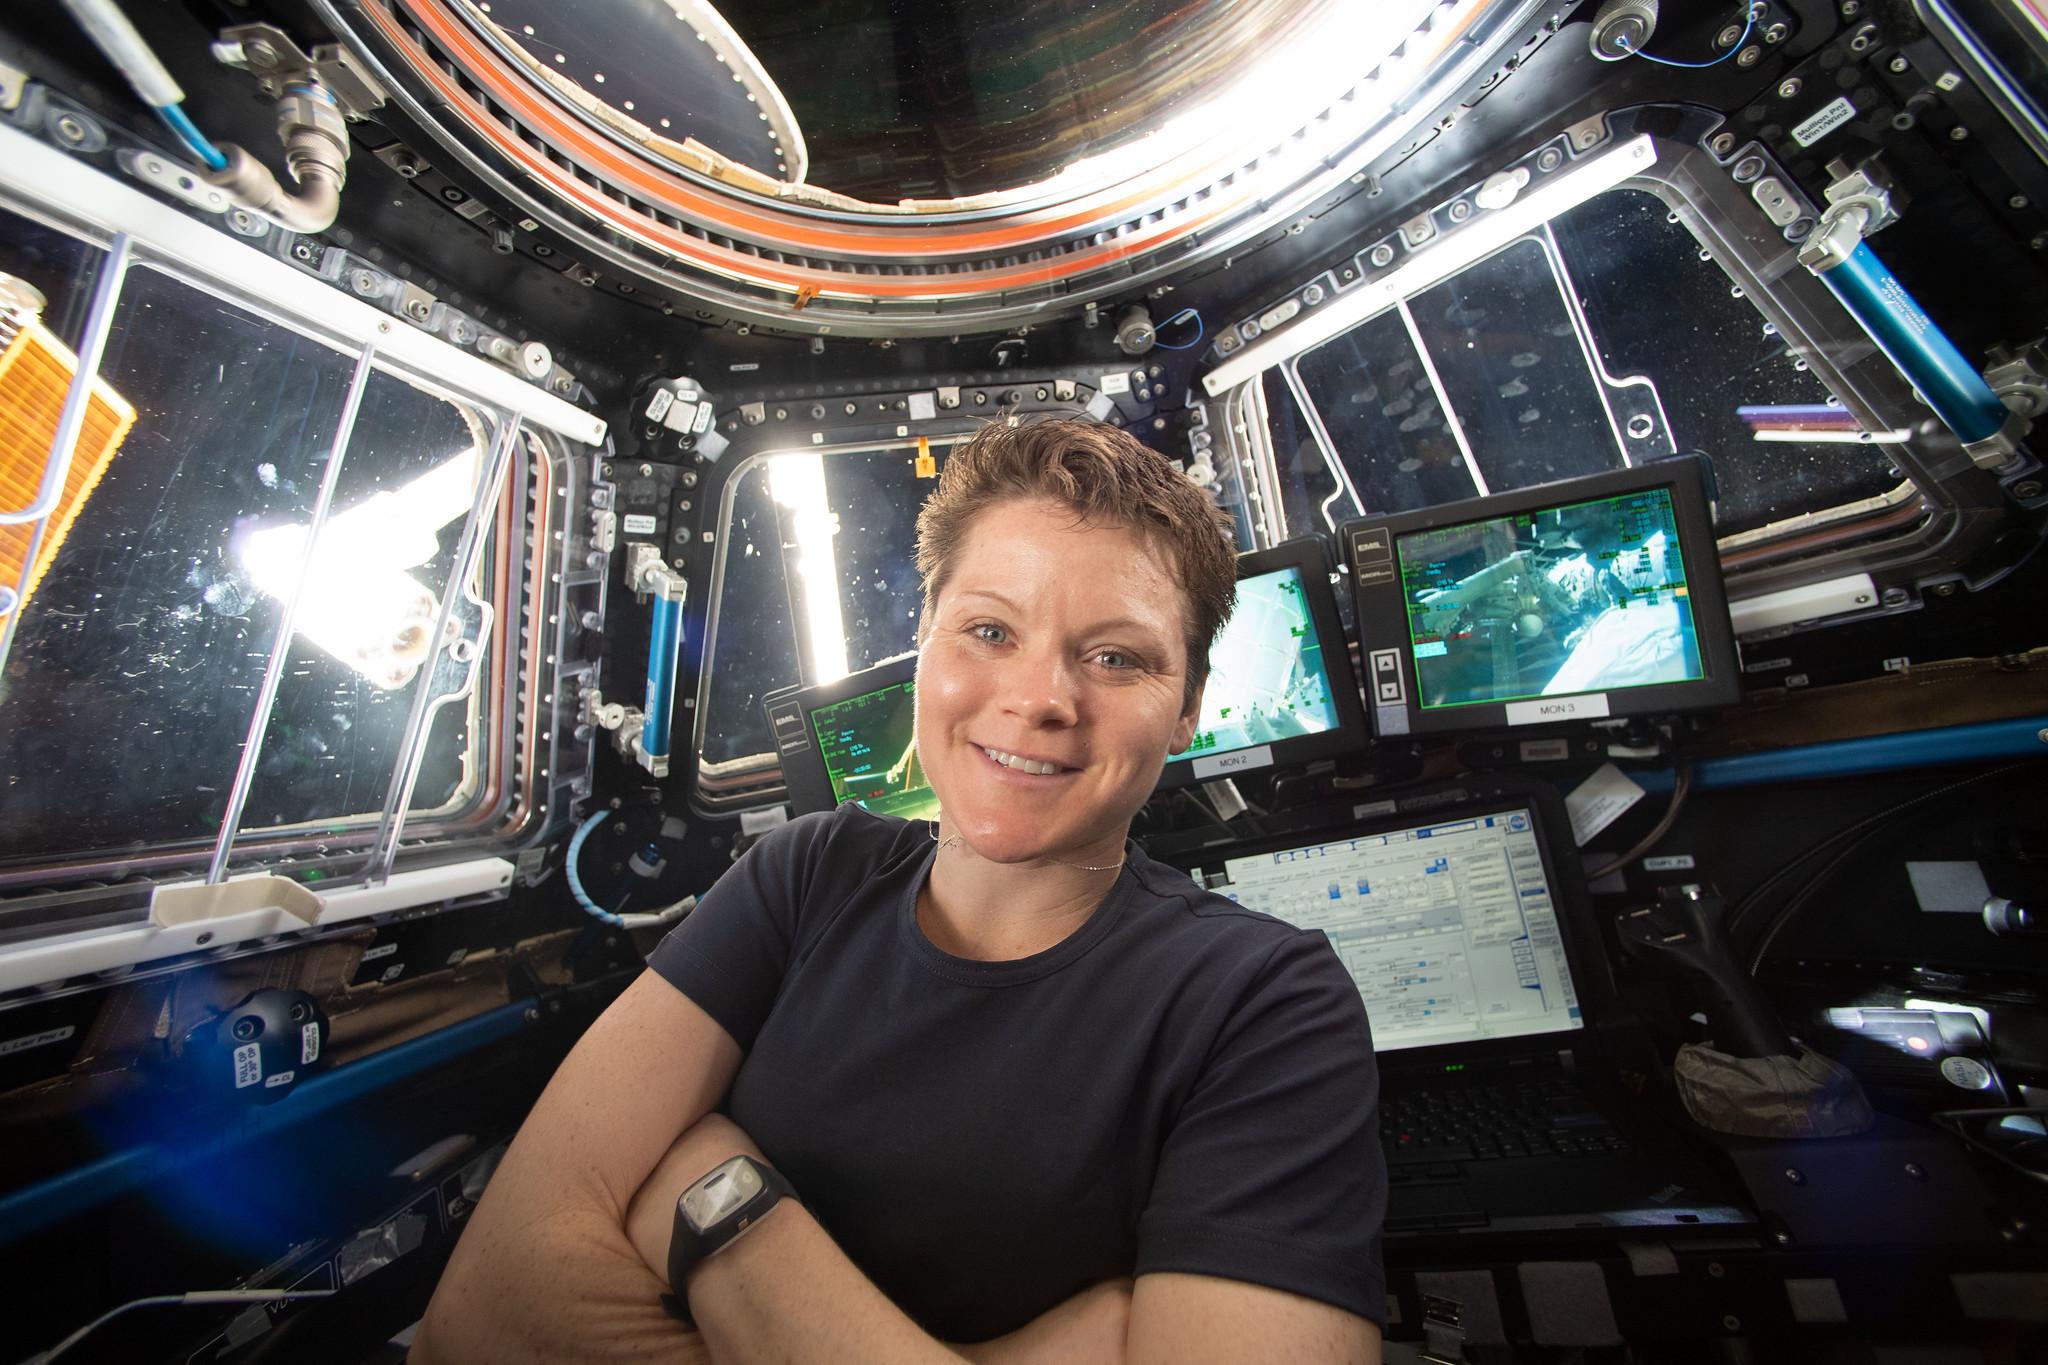 L'astronaute de la NASA Anne McClain sur la Station spatiale internationale lors de la mission Expedition 59 le 16 avril 2019. L'ancien conjoint de McClain a récemment déposé une plainte pénale contre l'astronaute, qui fait actuellement l'objet d'une enquête.